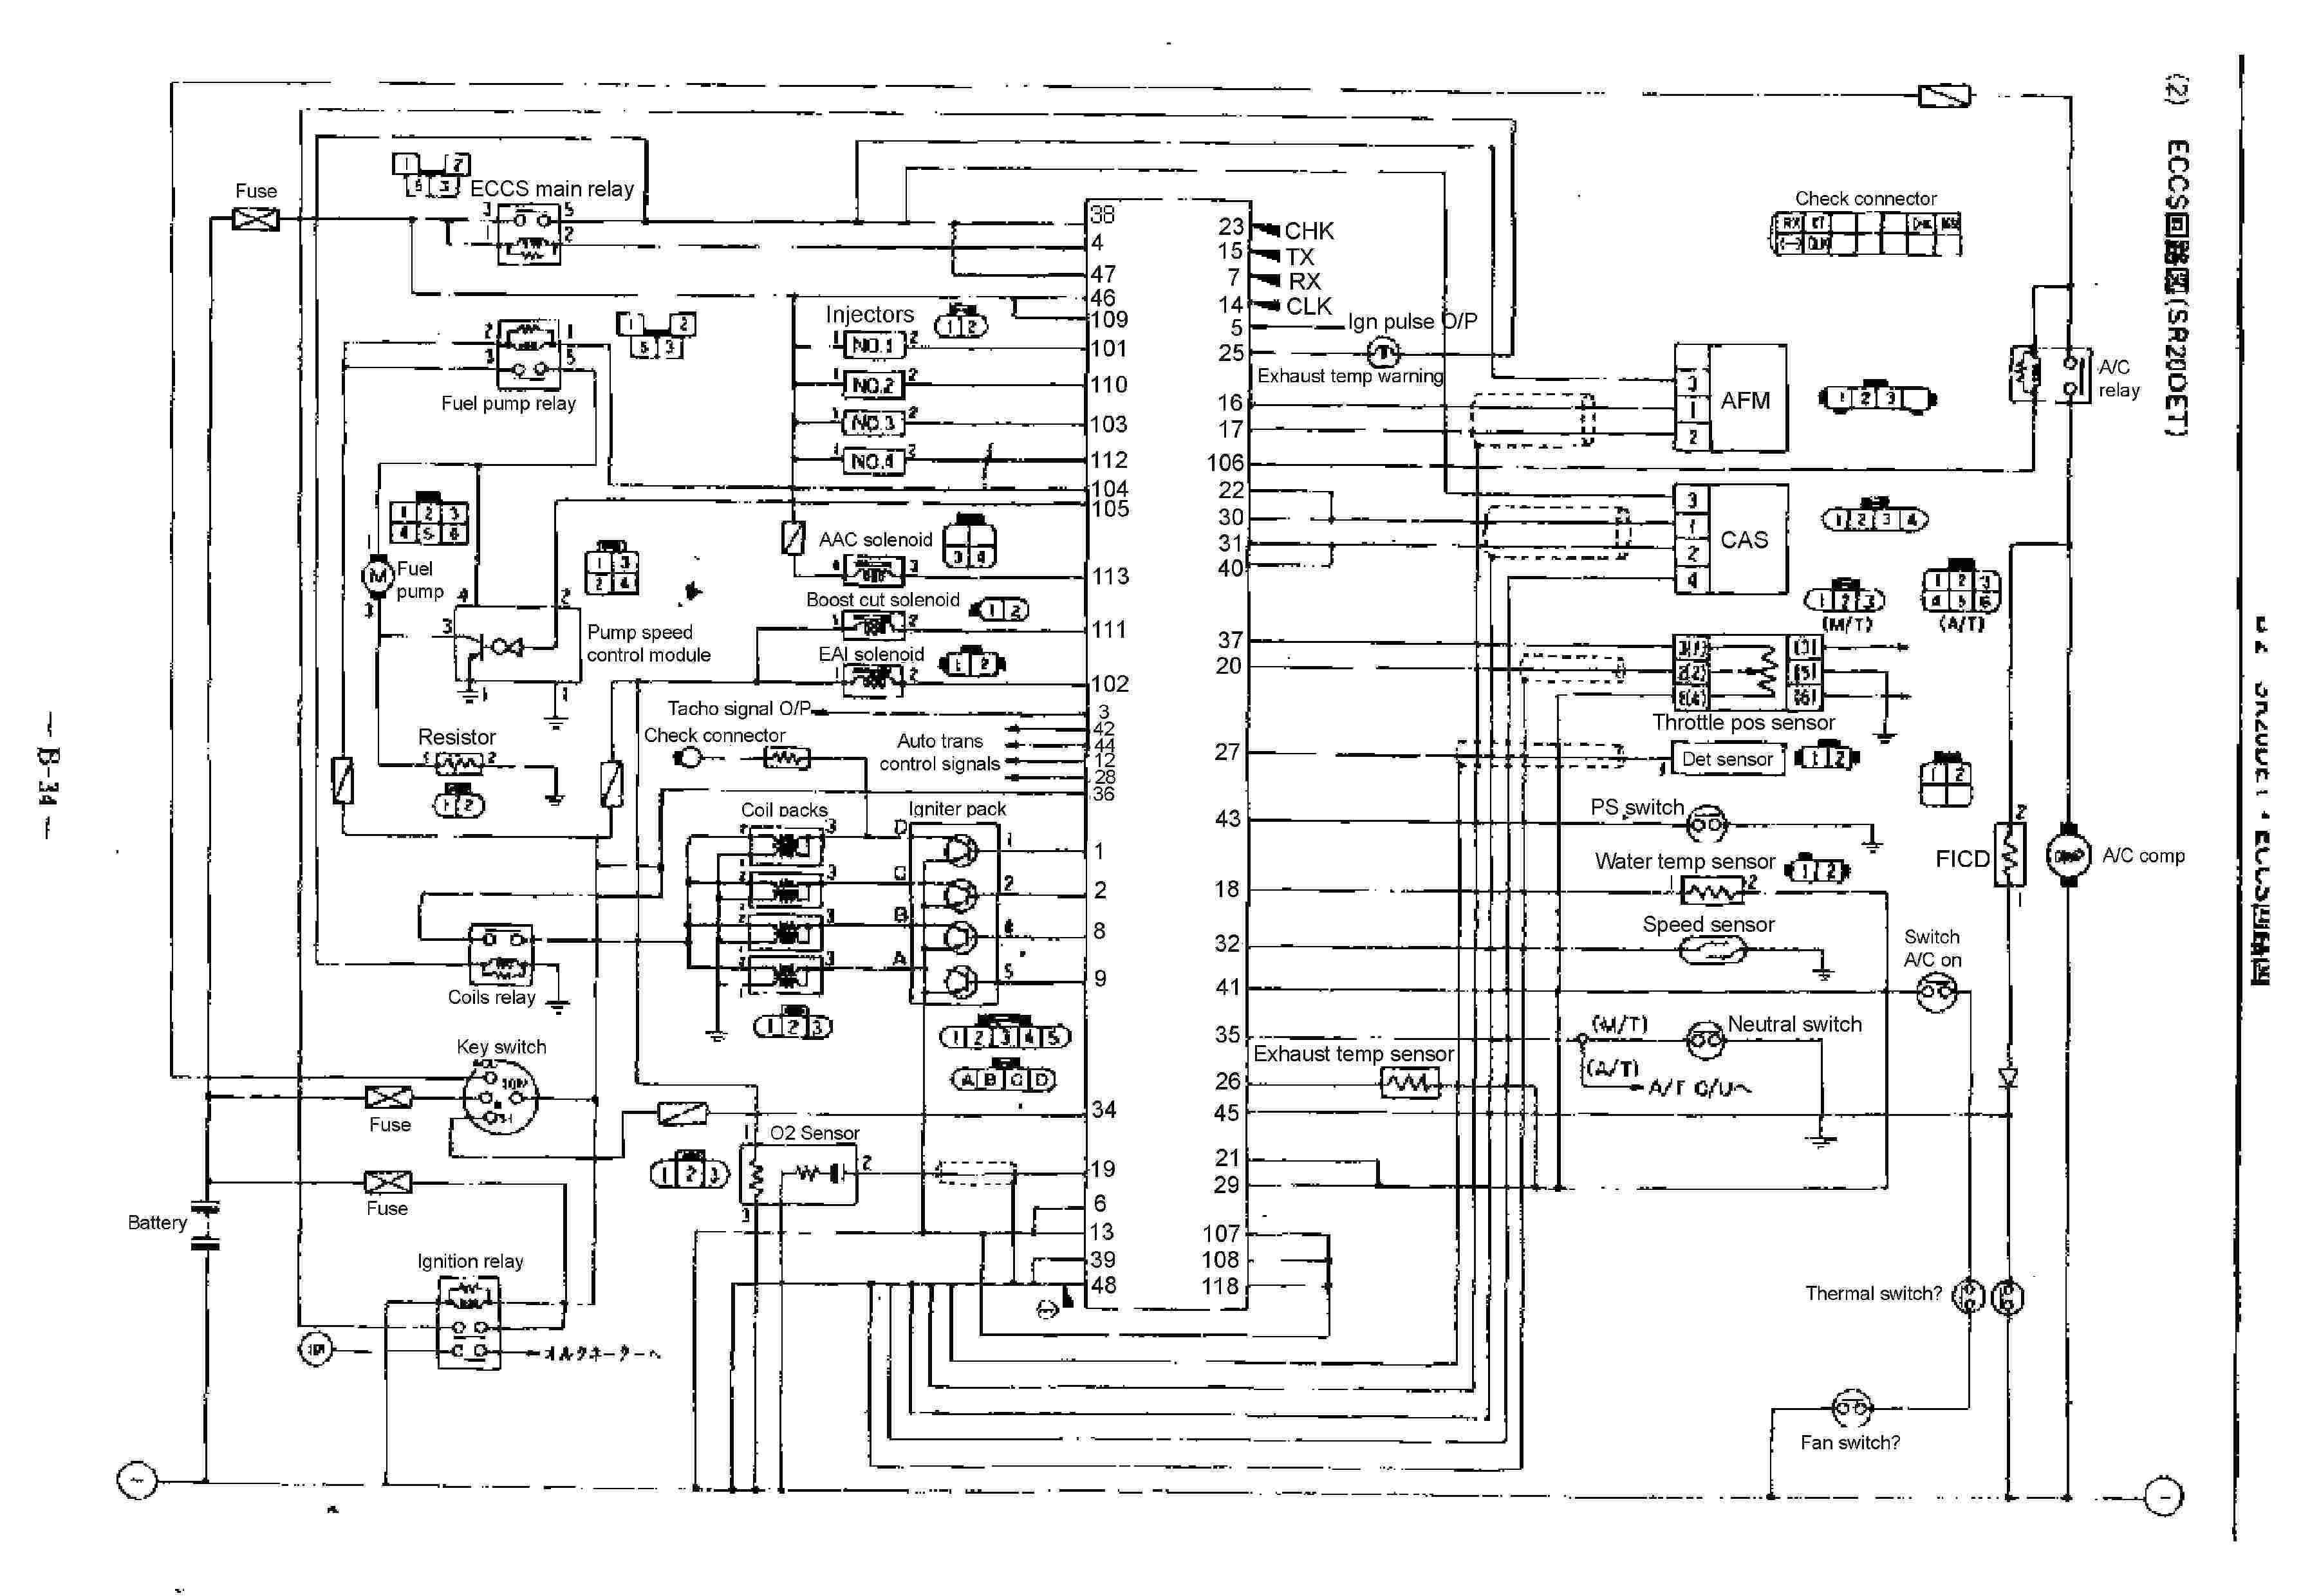 man bus wiring diagram wiring diagram paper dcc bus wiring diagrams bus wiring diagrams